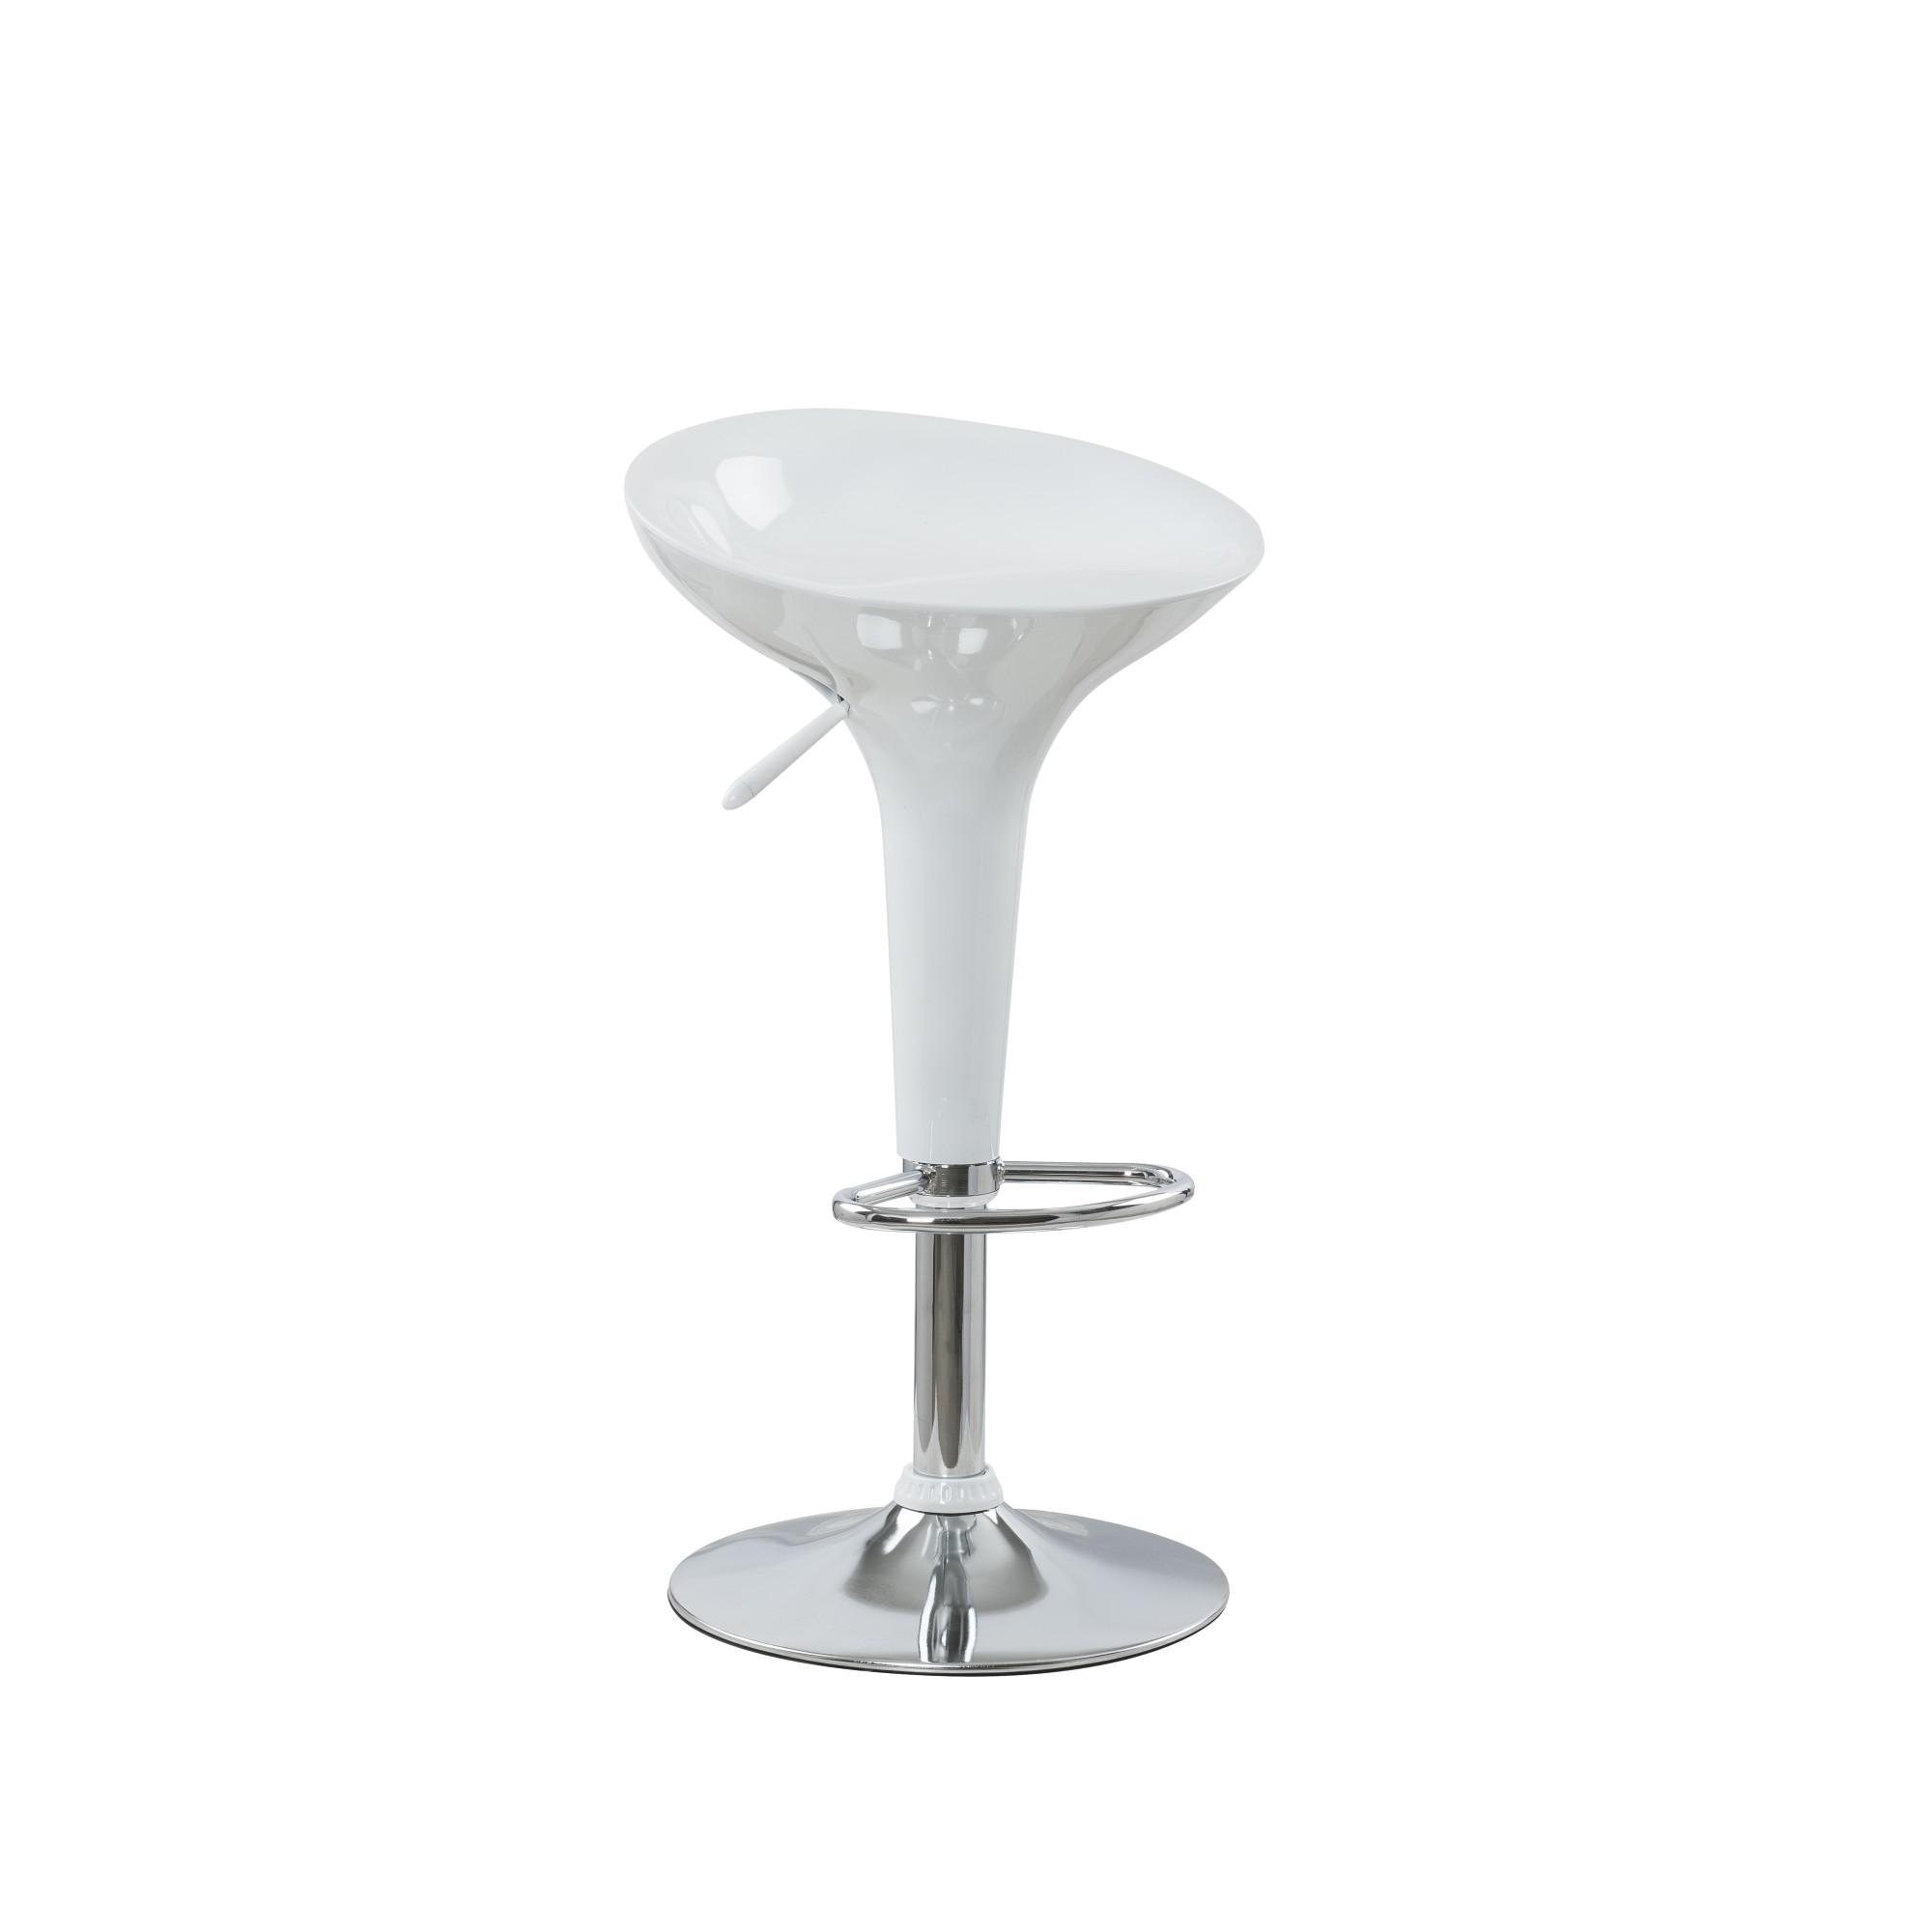 Banqueta Redonda Giratoria de Plastico ABS 67cm Branco FS-101 - Bianchini